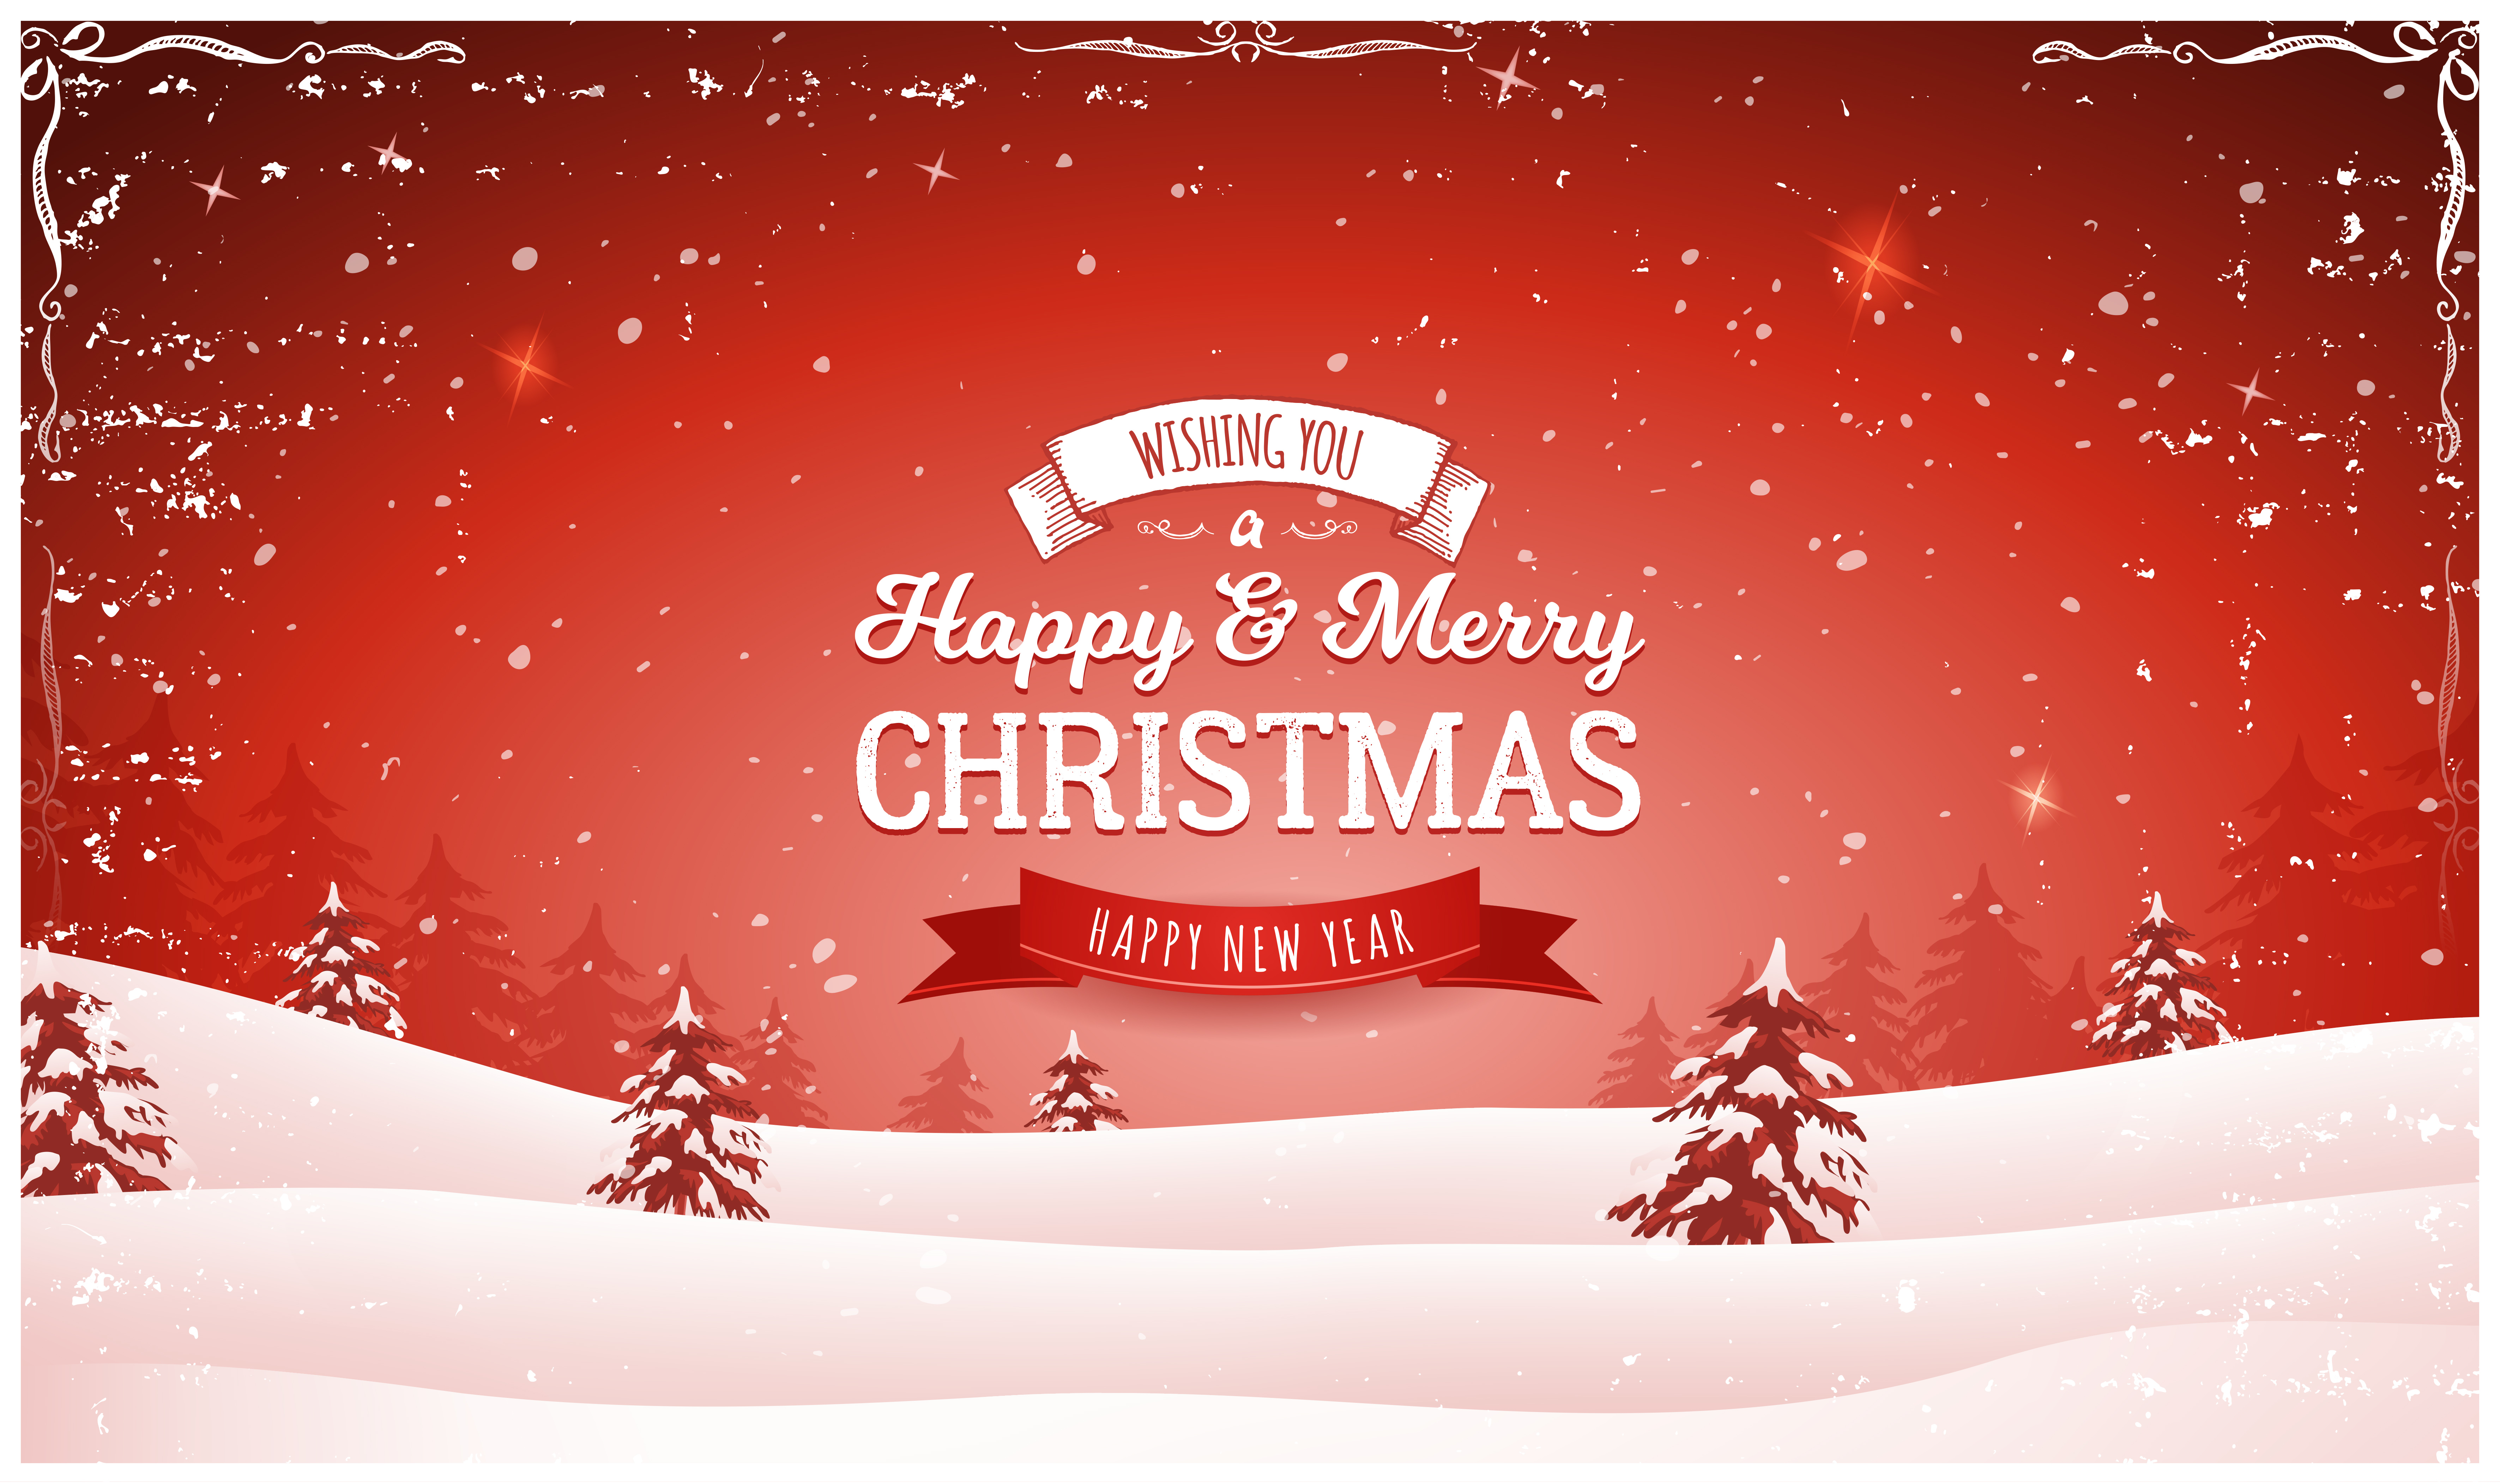 Vintage Red Christmas Landscape Background - Download Free ...